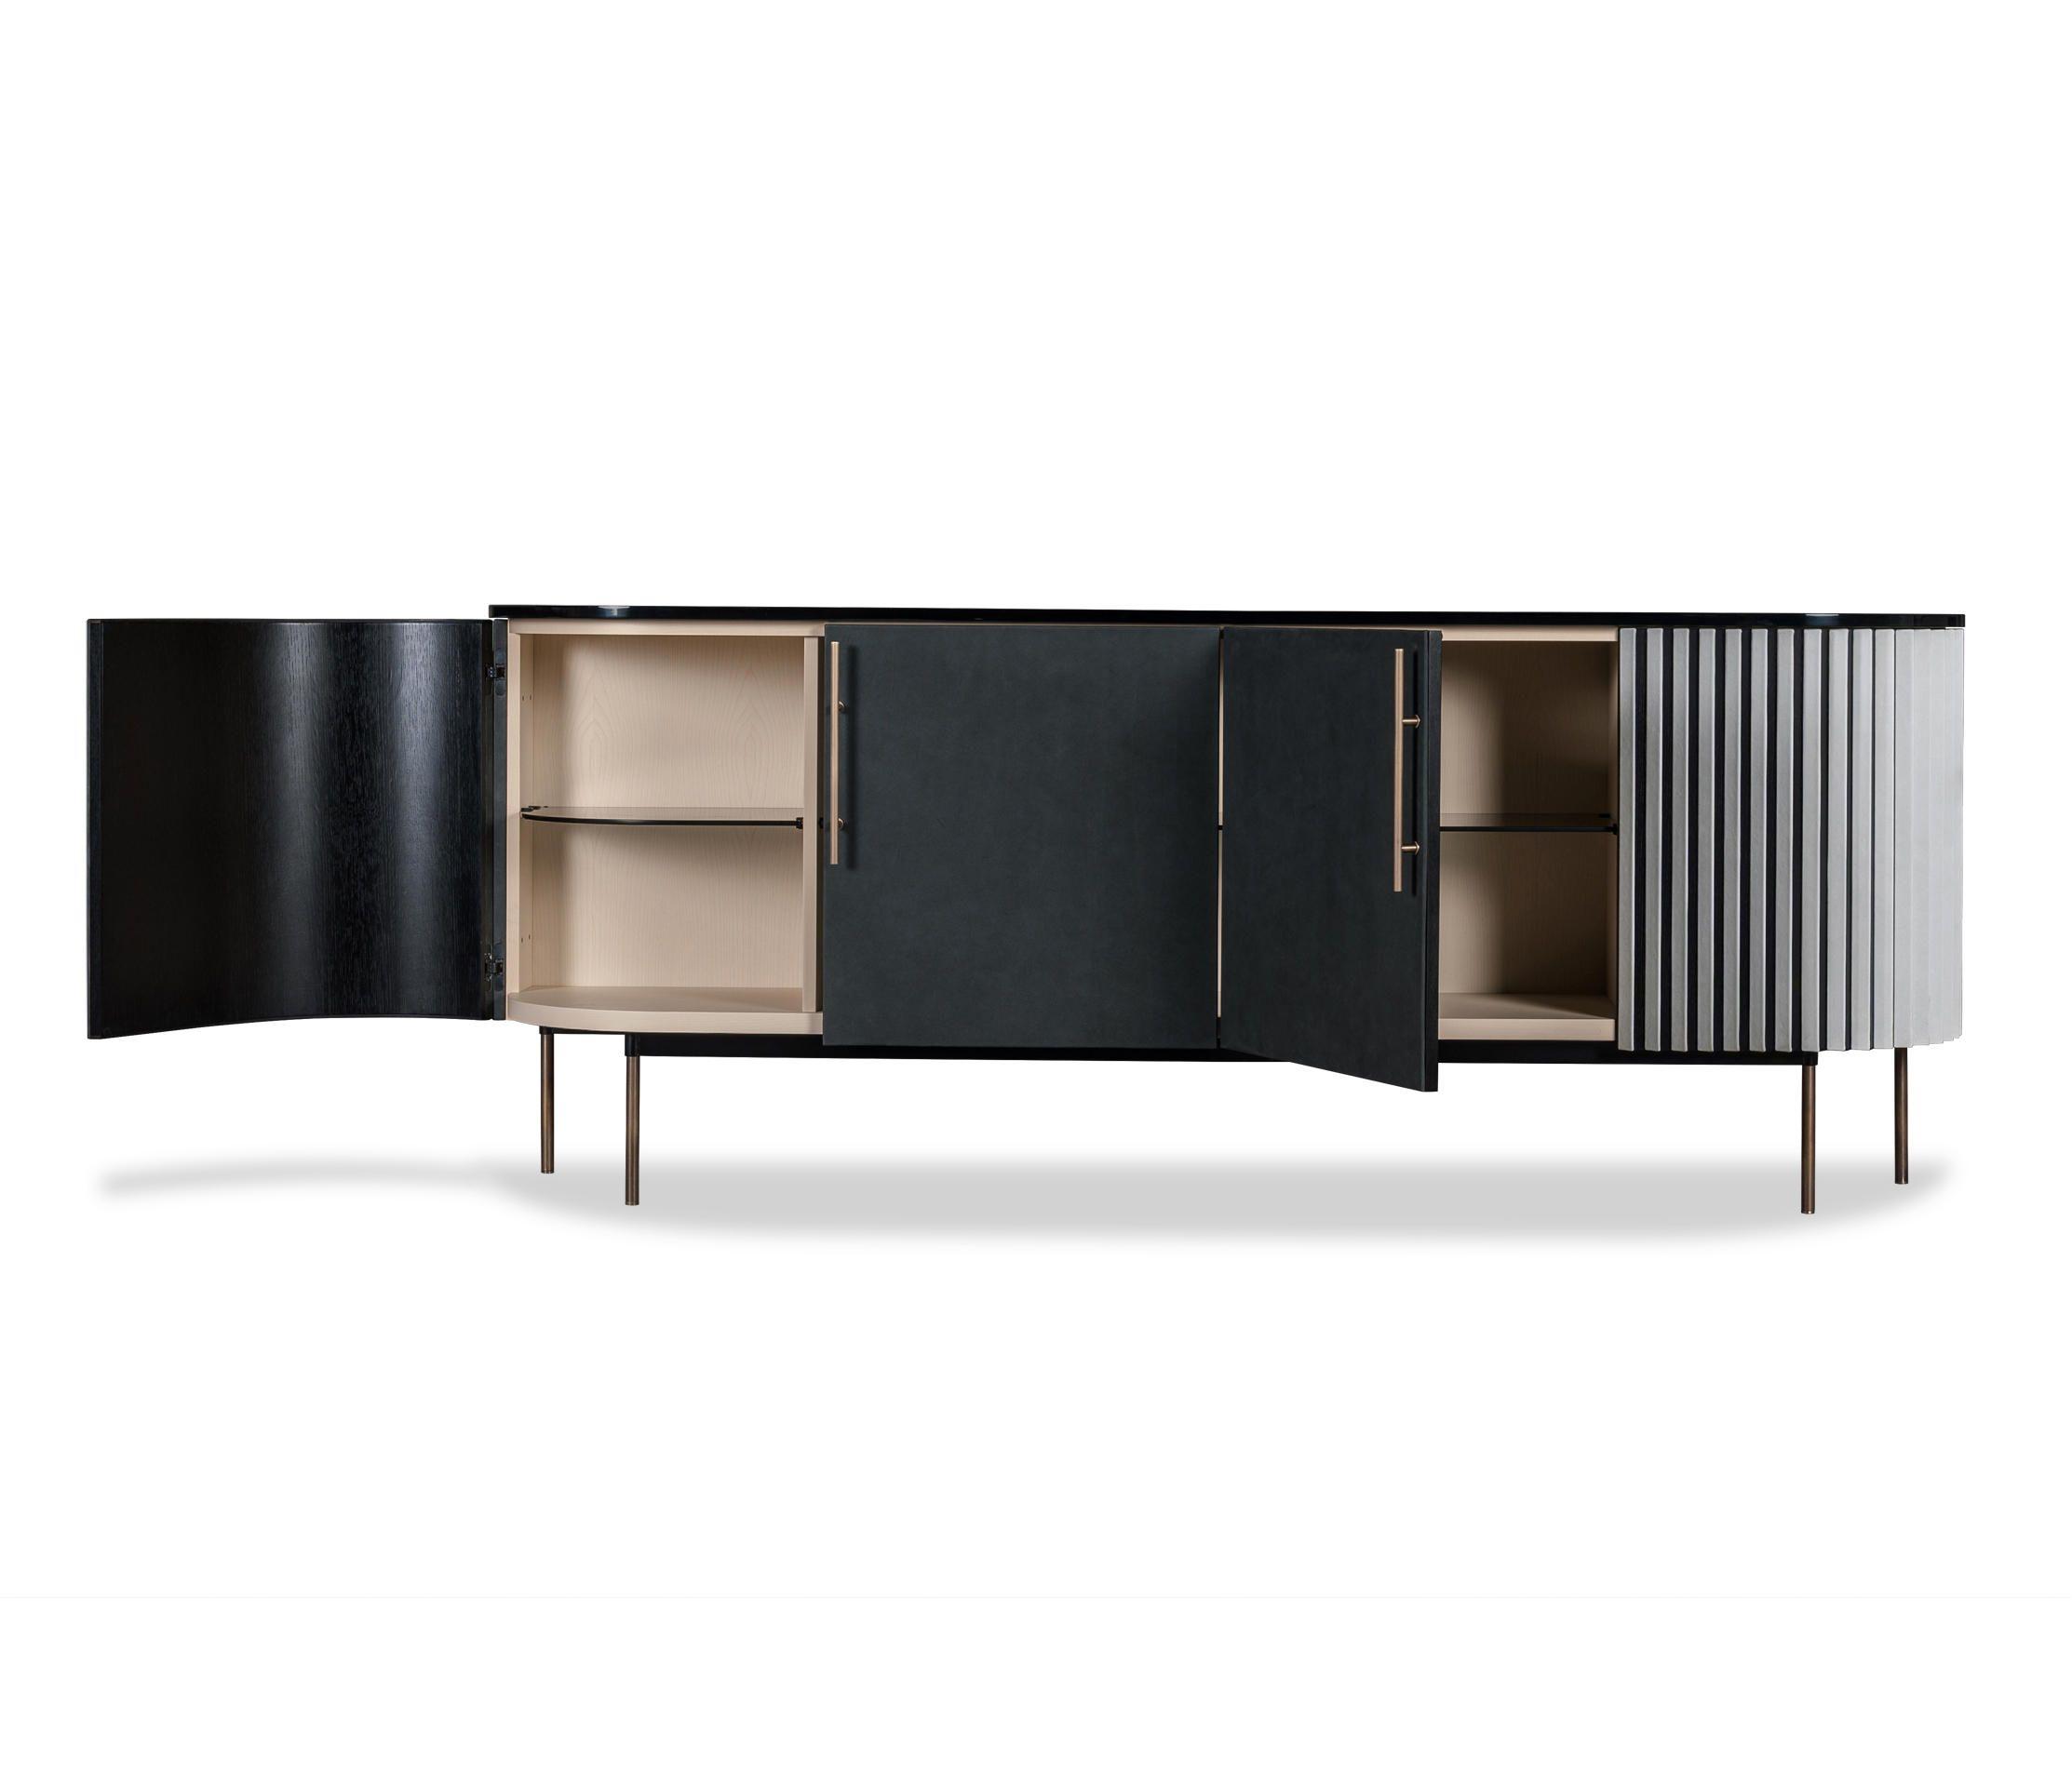 Merveilleux PLISSÉ Low Cabinet By Baxter | Sideboards